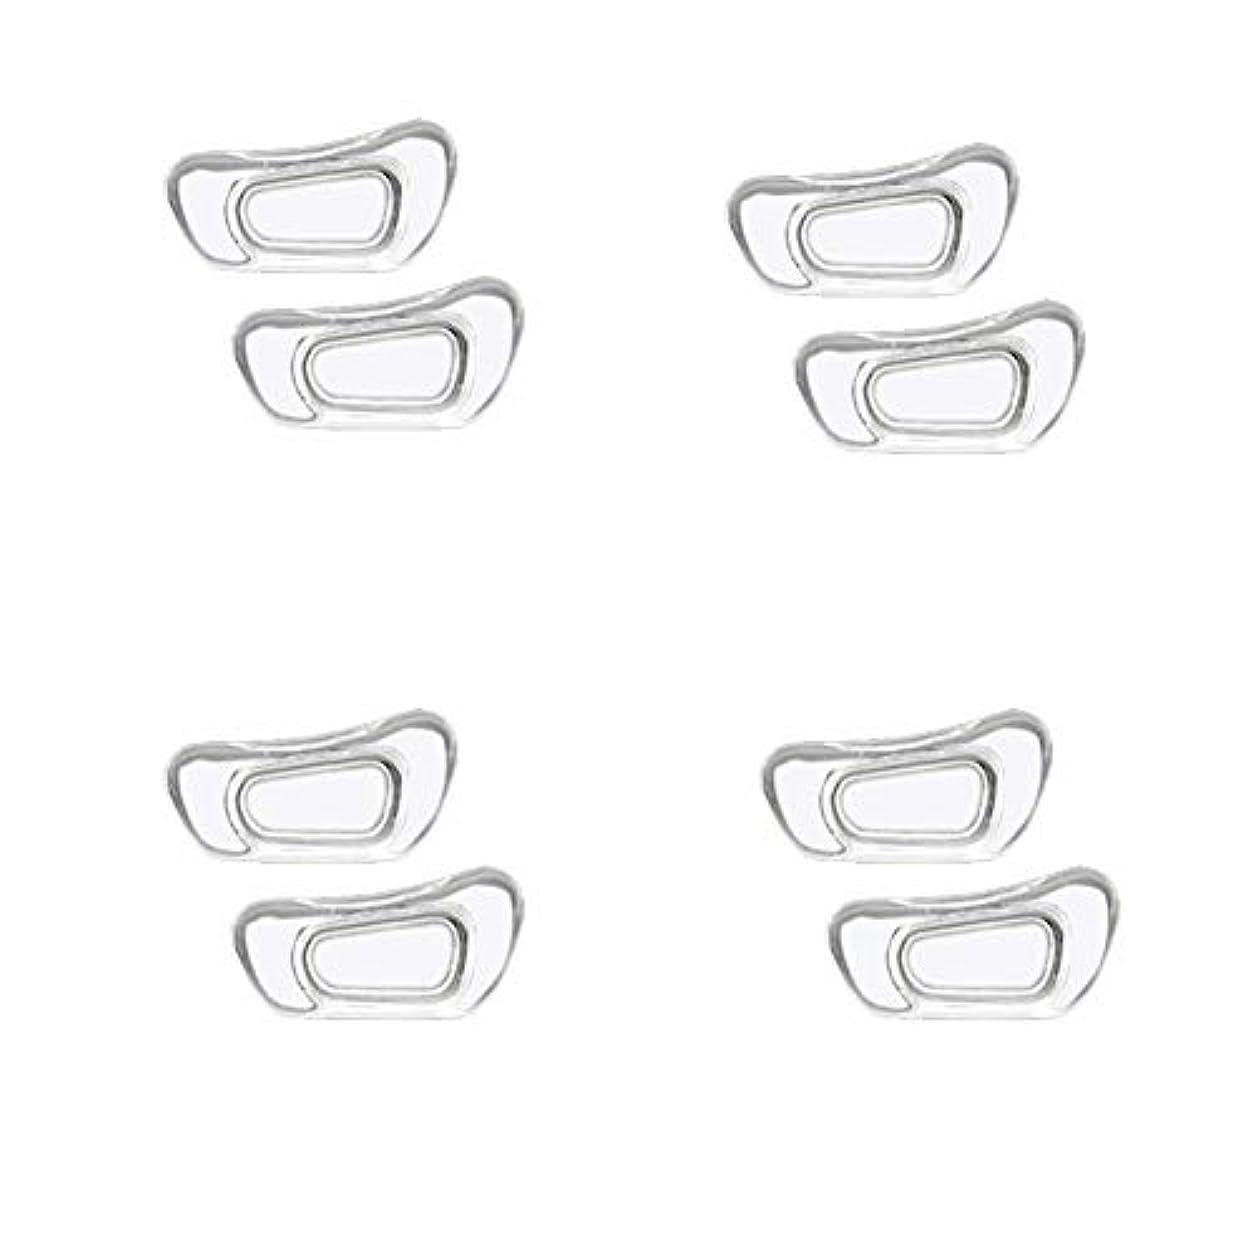 パートナー告白するイースターChinashow 4ペア透明シリコーン眼鏡 ノーズパッド - クラスプは#15スーパーソフトノンスリップ鼻パッド 入力します